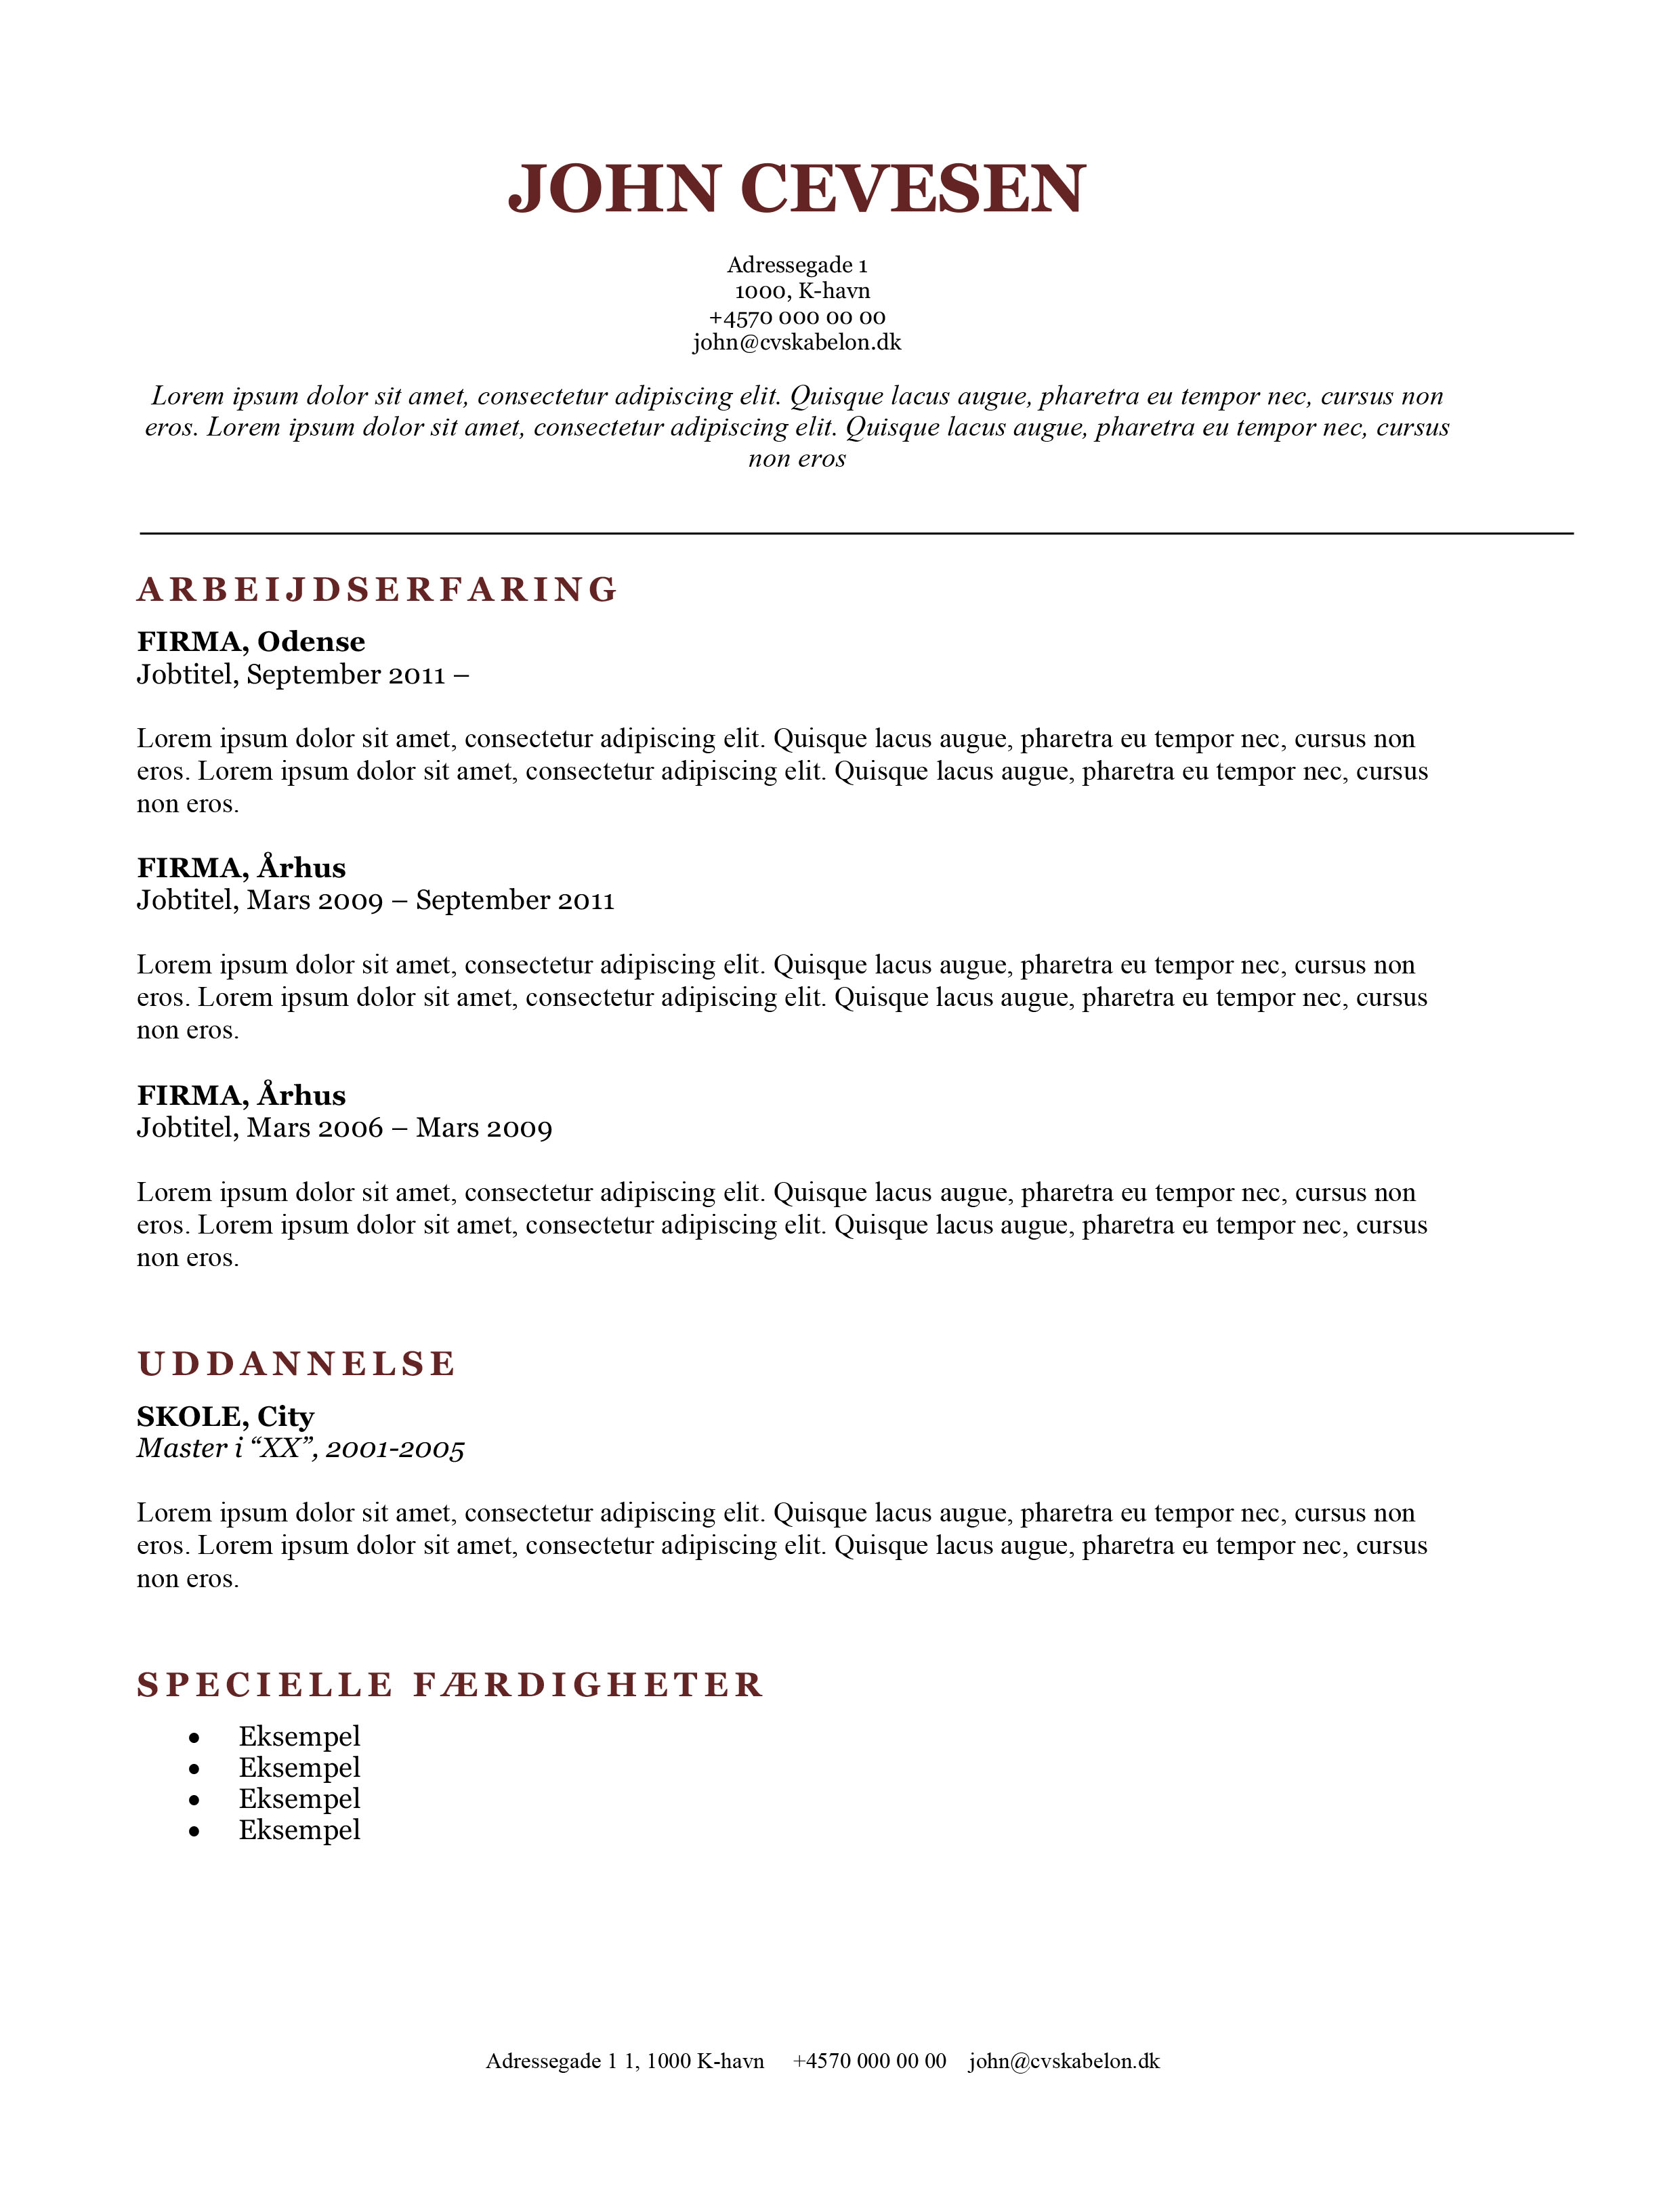 Klassisk CV skabelon